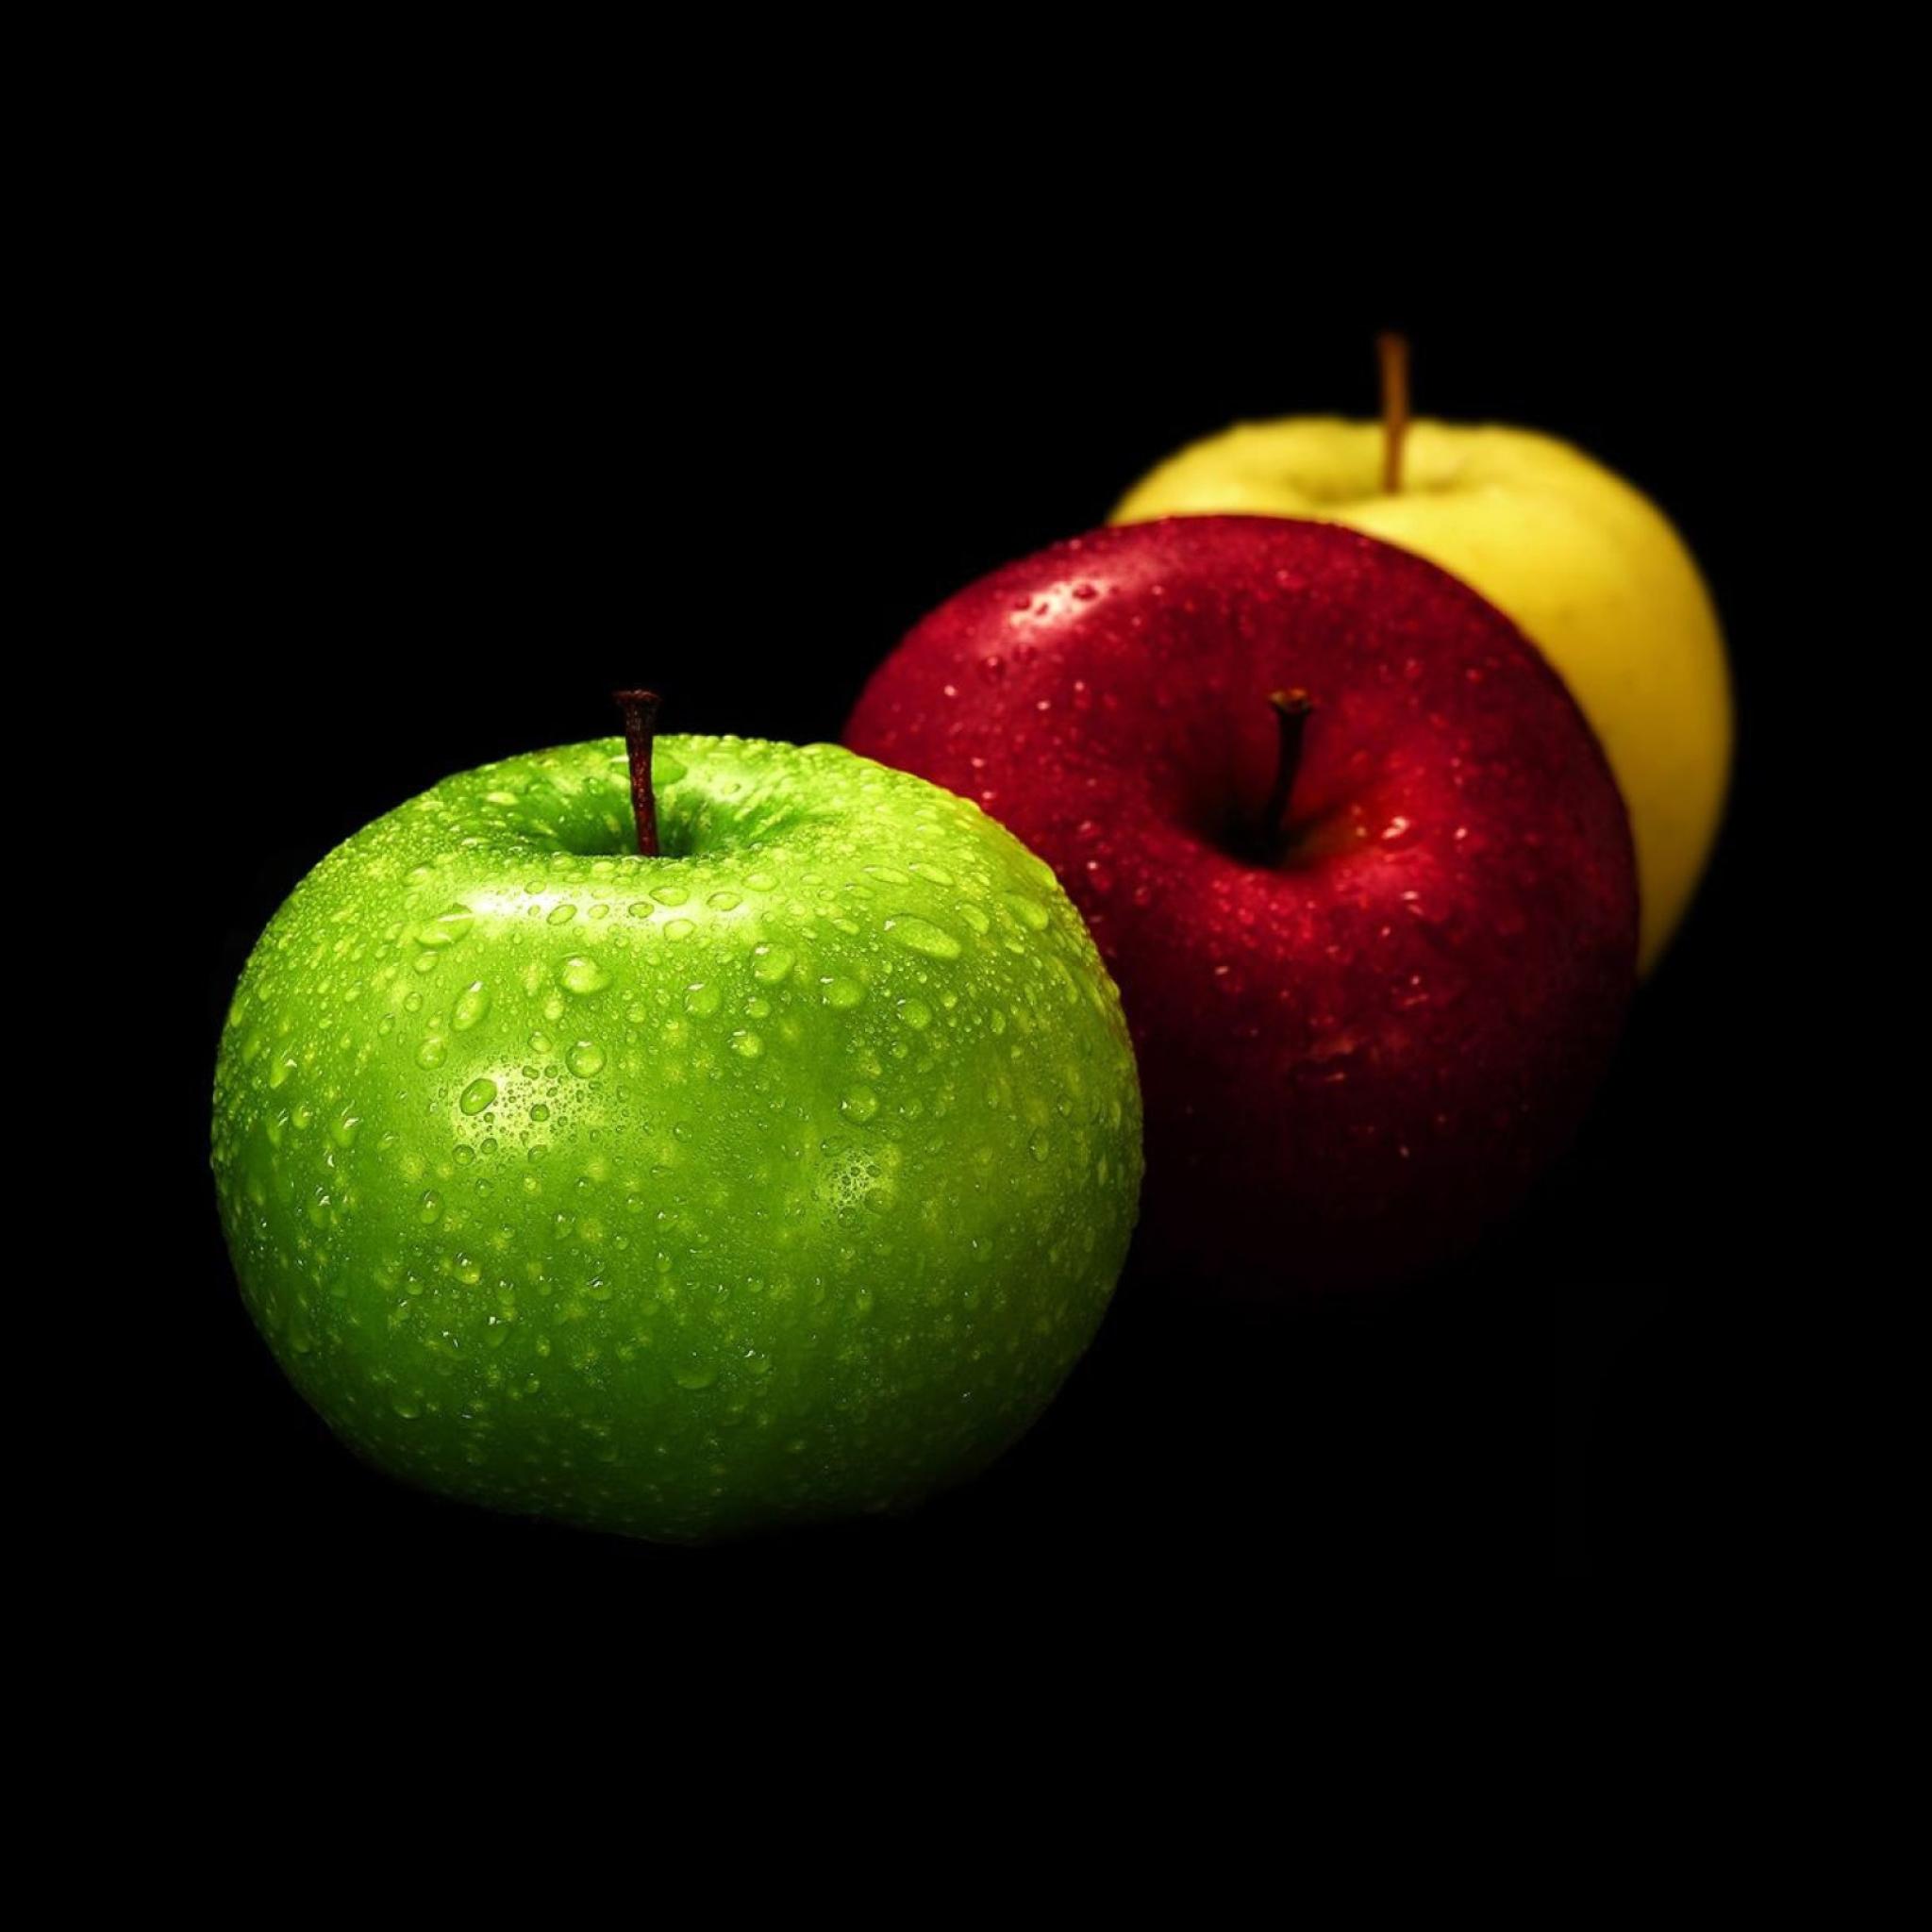 картинки на тему яблок стоит заказать портрет